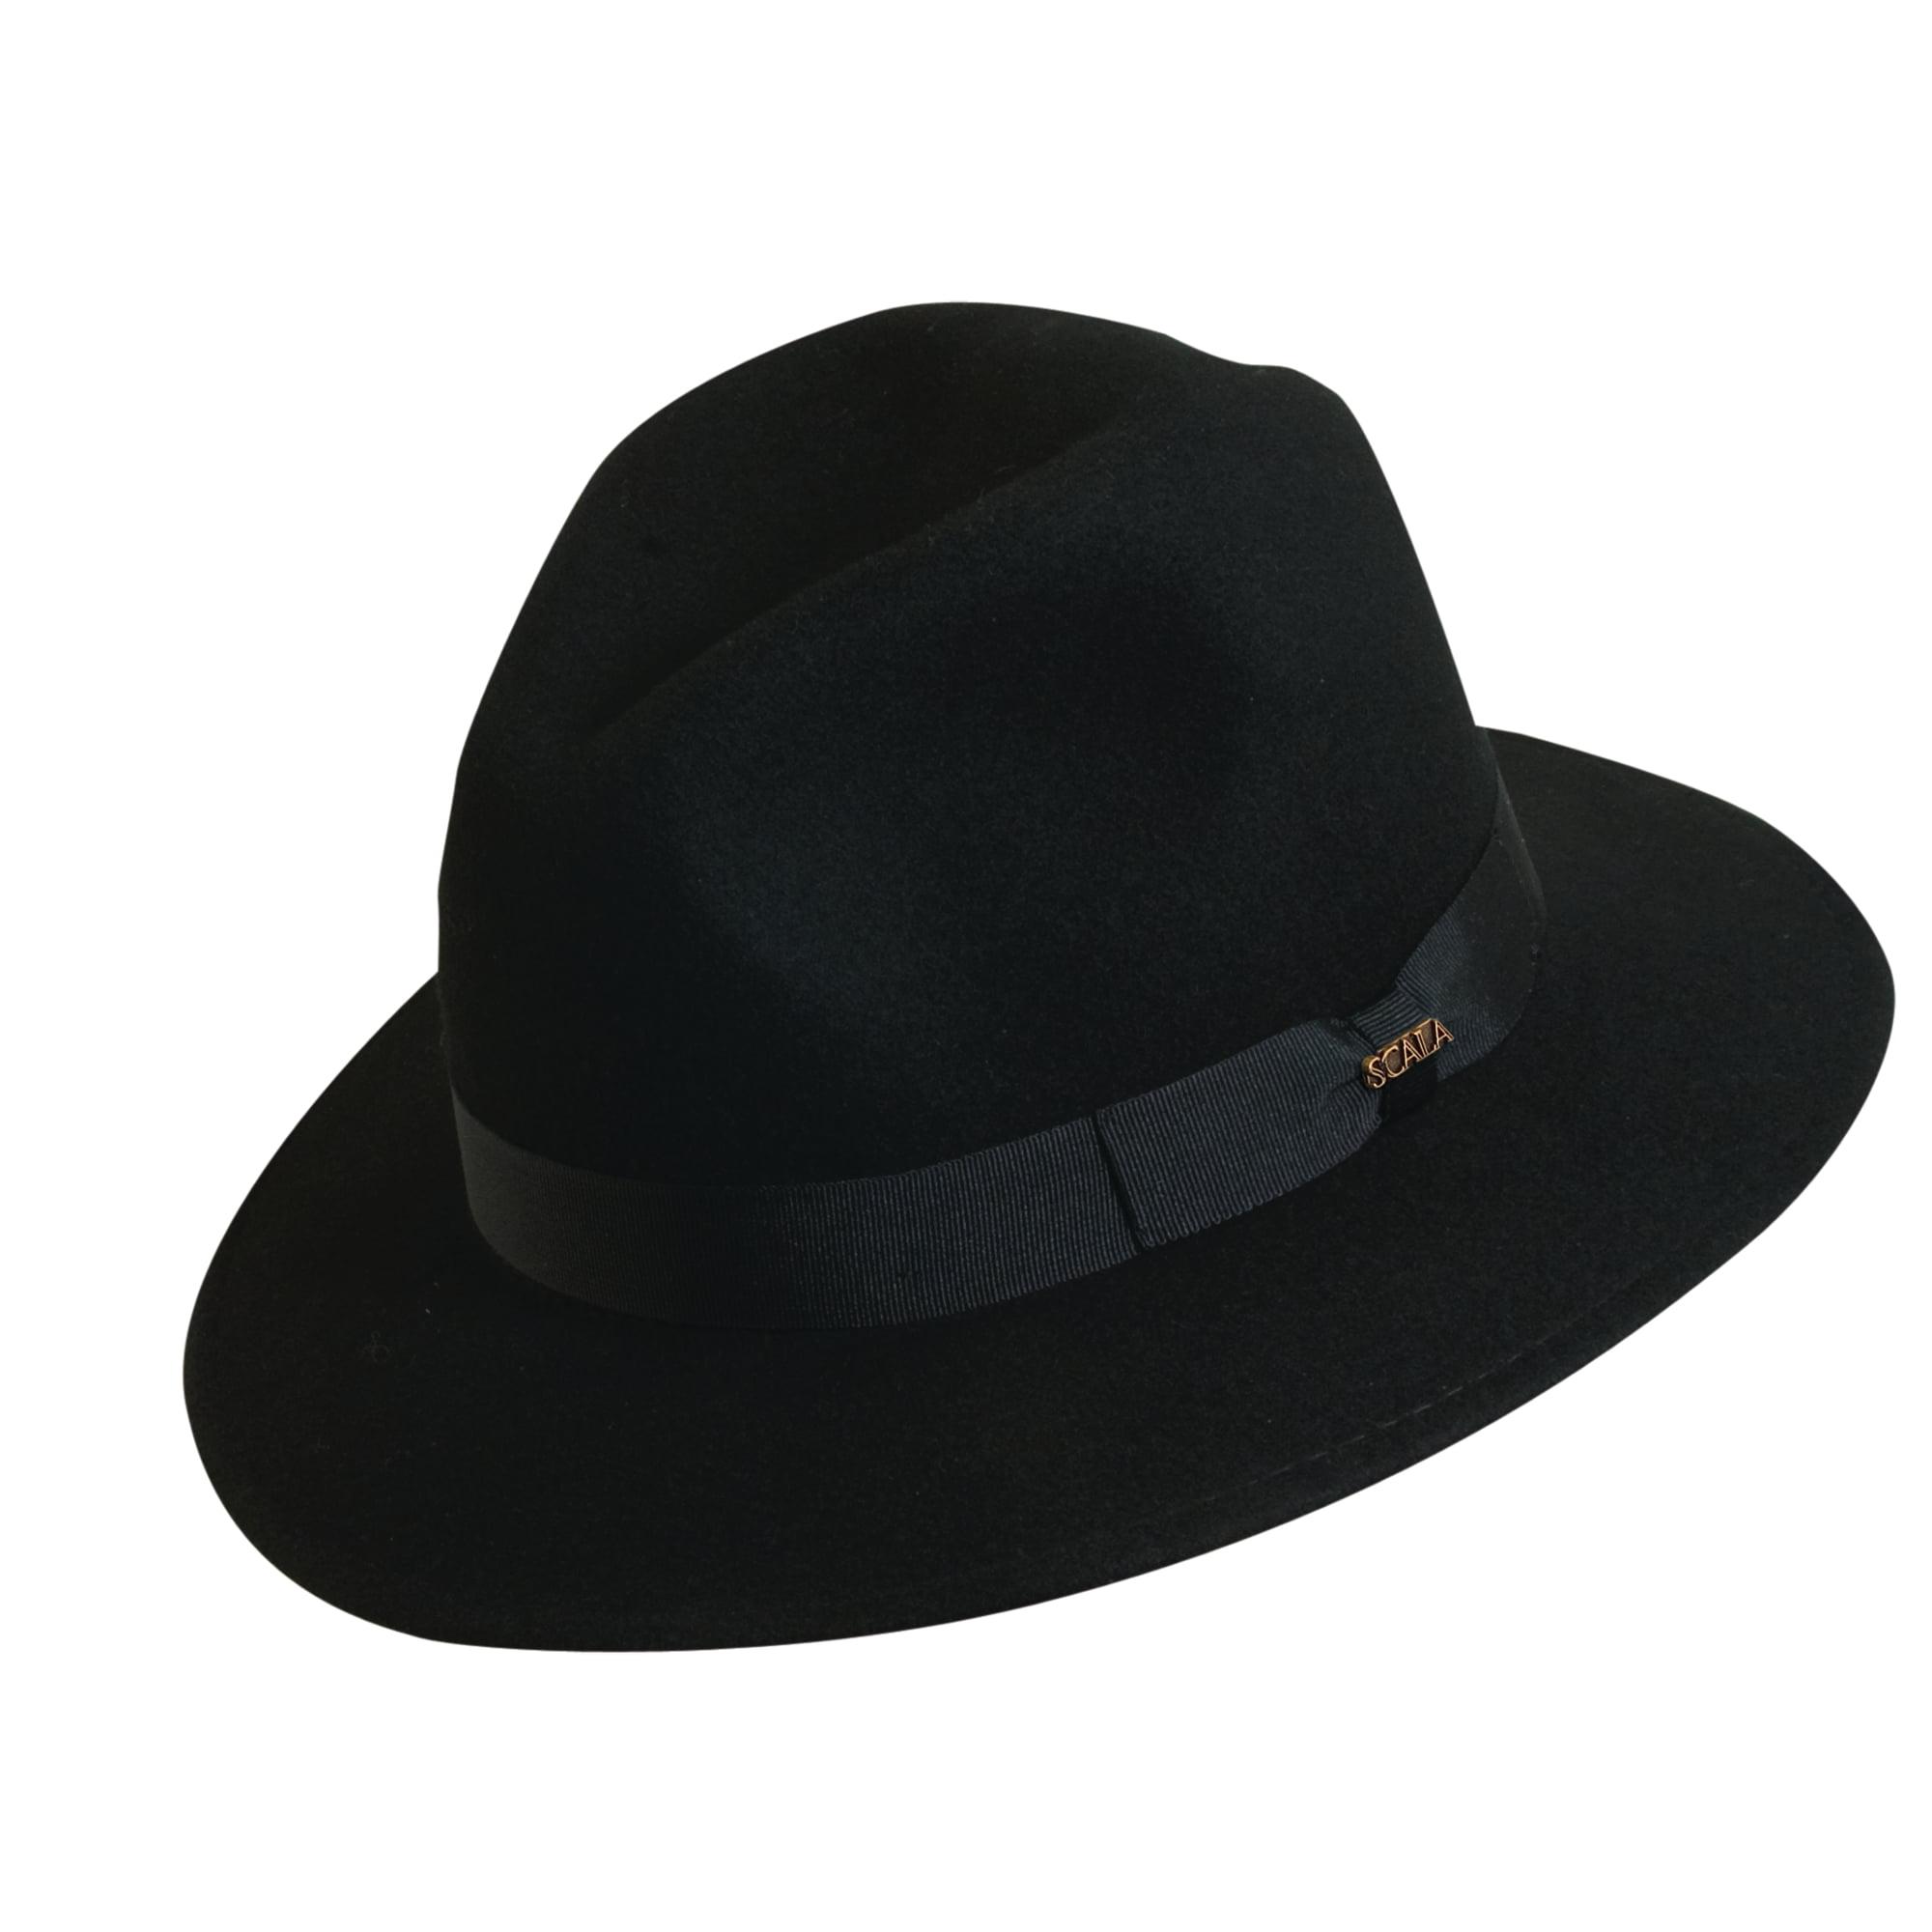 3aed0328b1d Scala Classico Men s 100% Wool Crushable Safari Hat